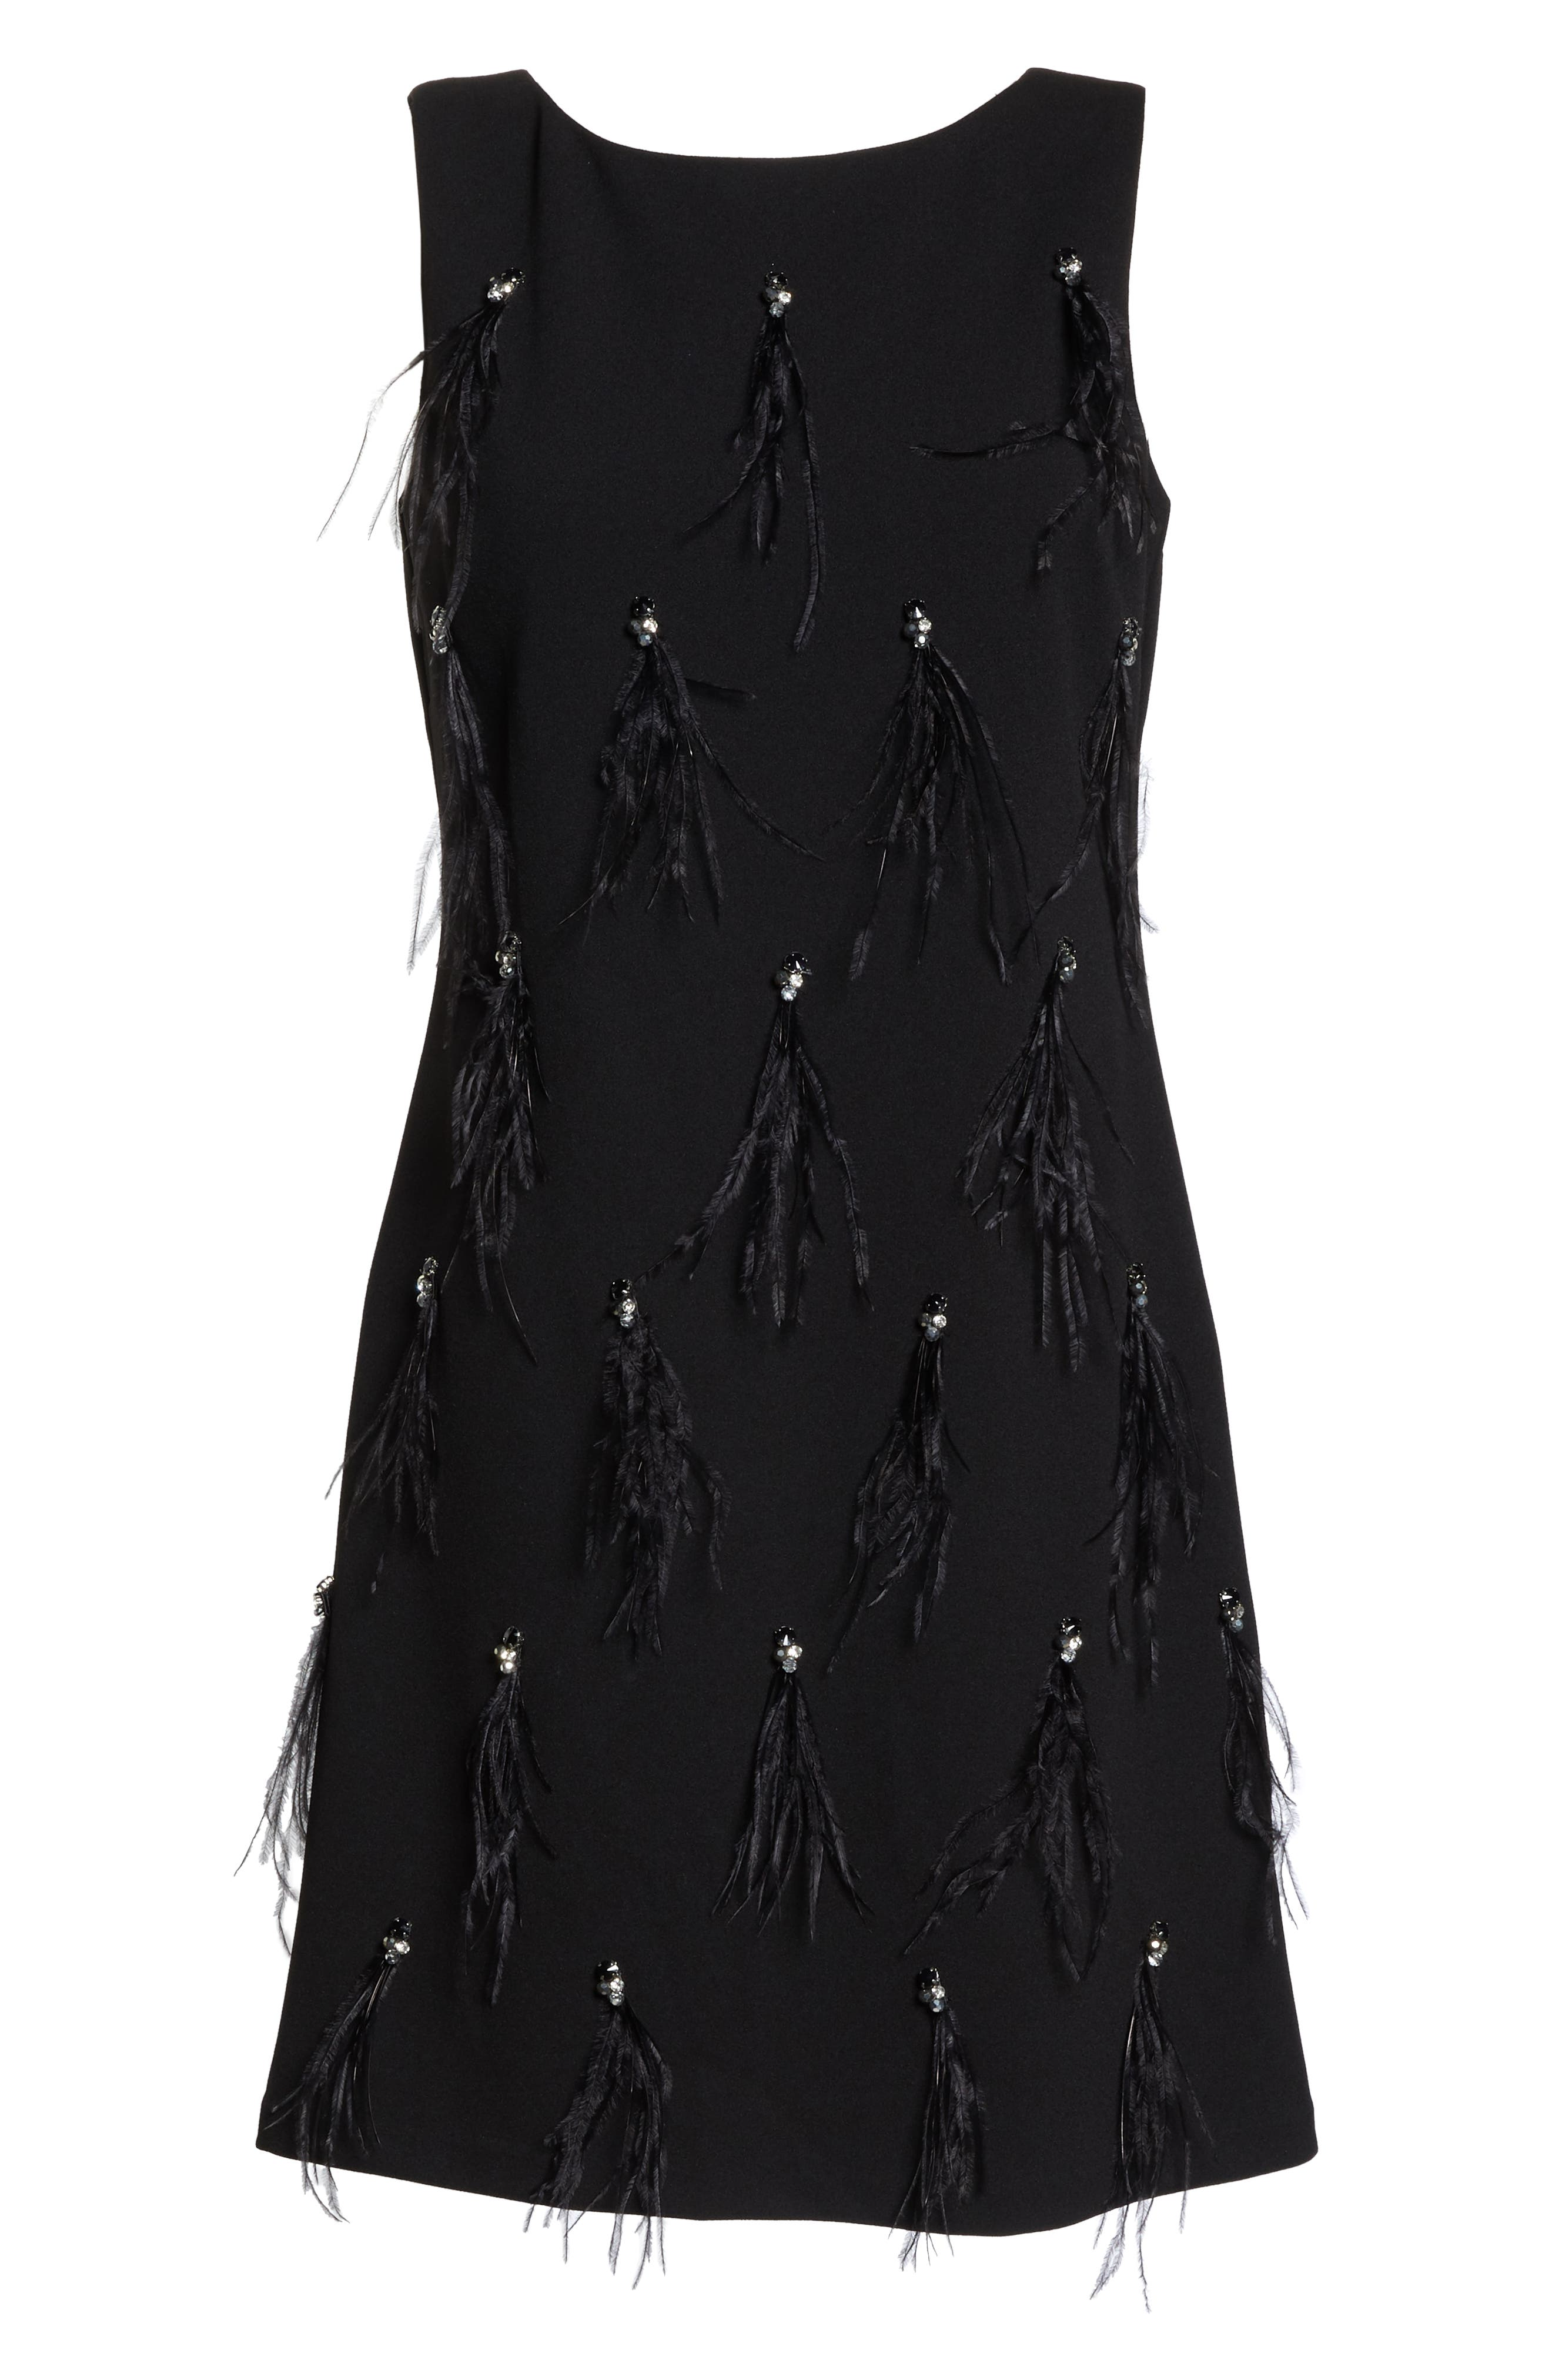 HARPER ROSE,                             Embellished Sheath Dress,                             Alternate thumbnail 7, color,                             BLACK